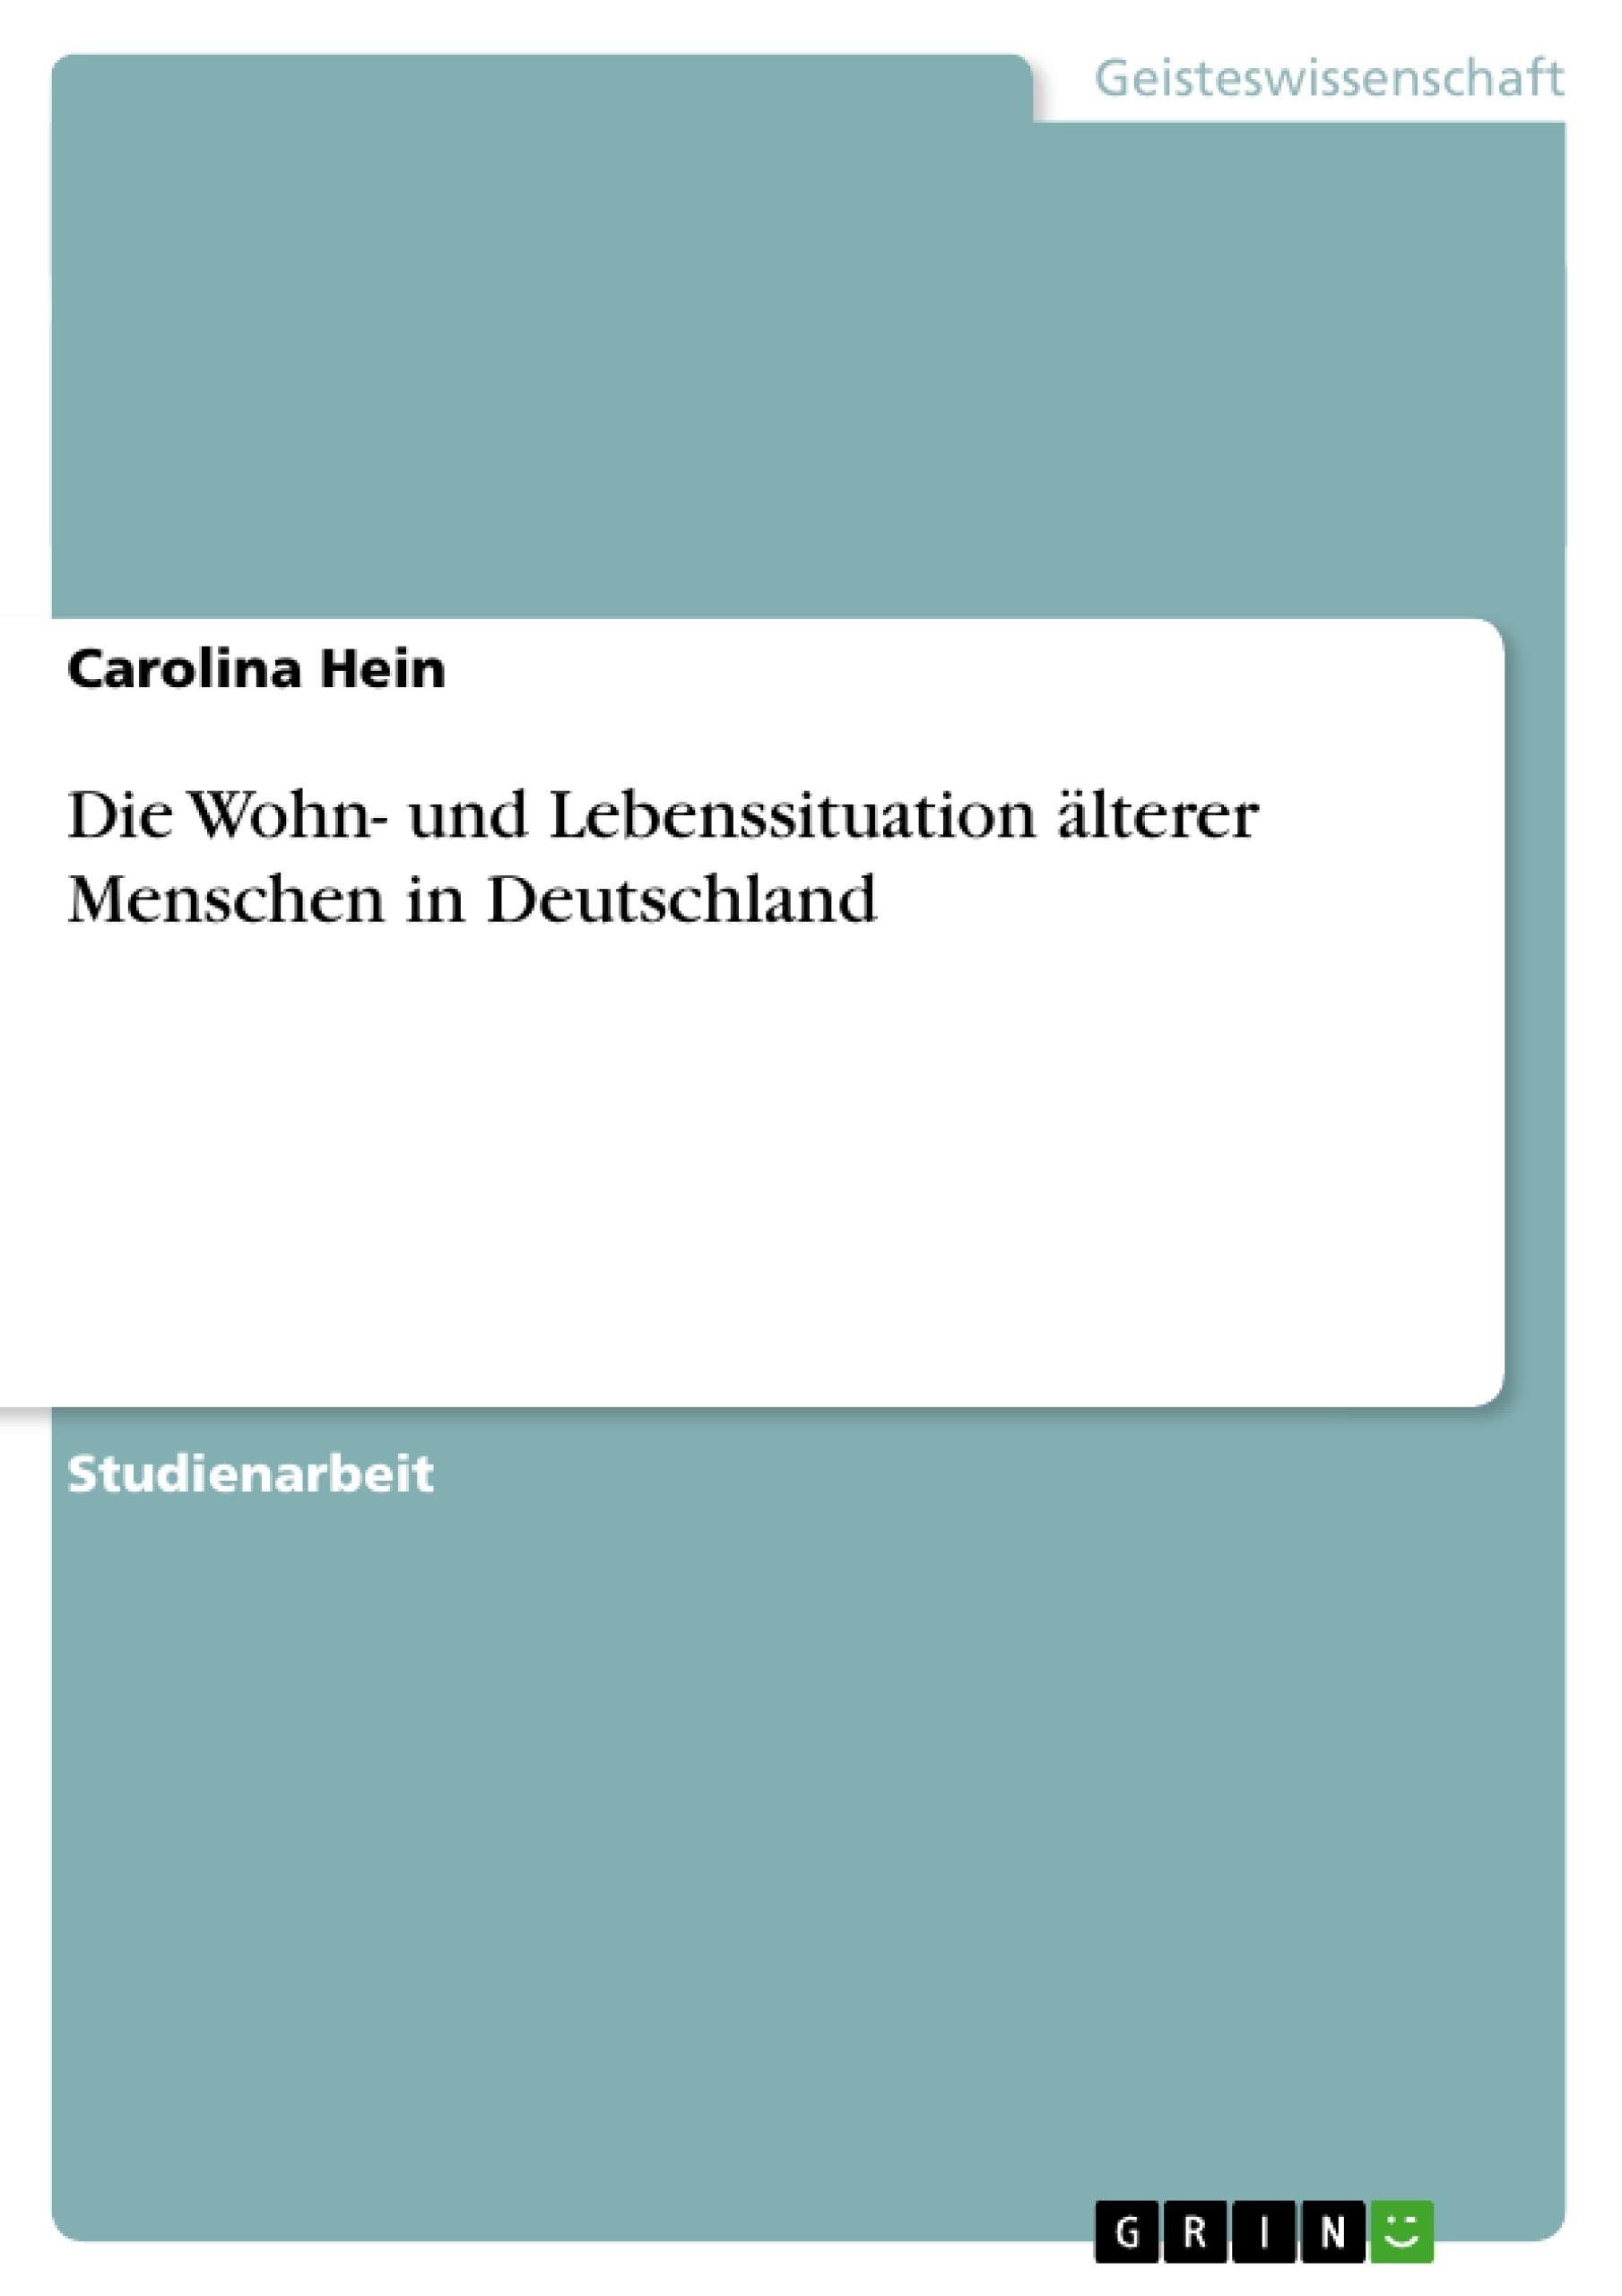 Titel: Die Wohn- und Lebenssituation älterer Menschen in Deutschland